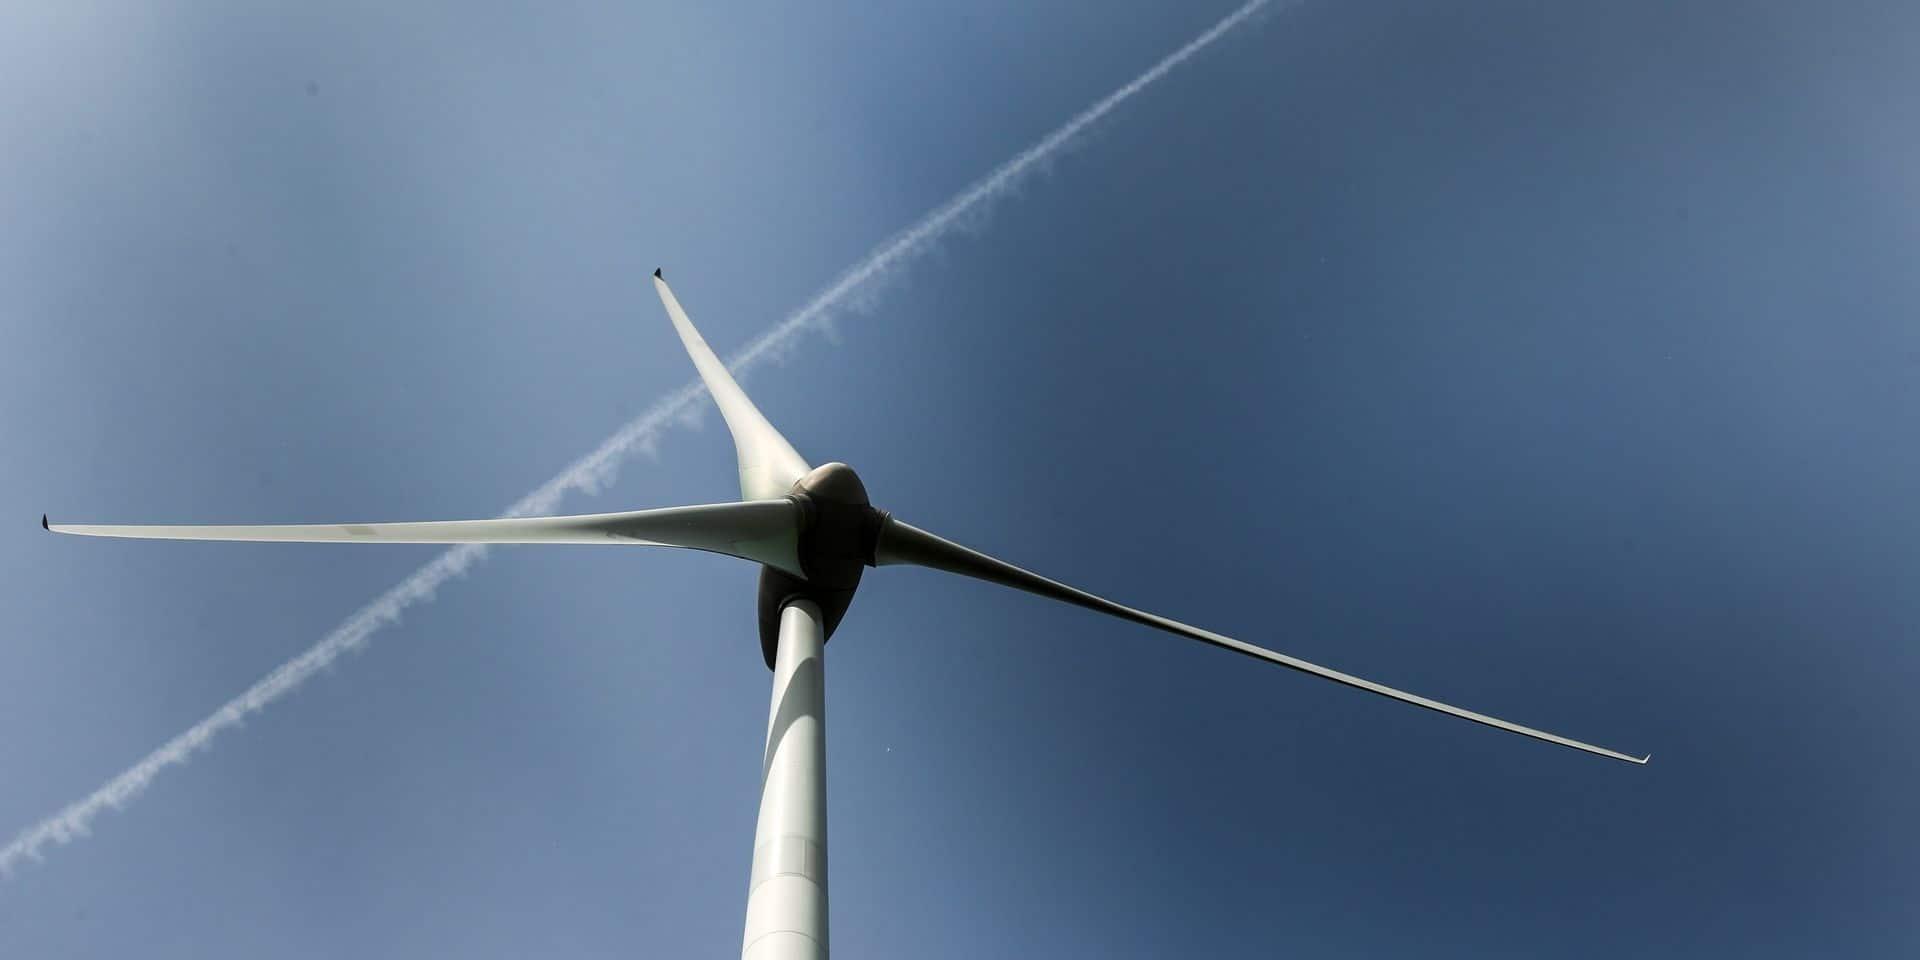 Éoliennes de Saint-Symphorien: Le collège remet un avis négatif